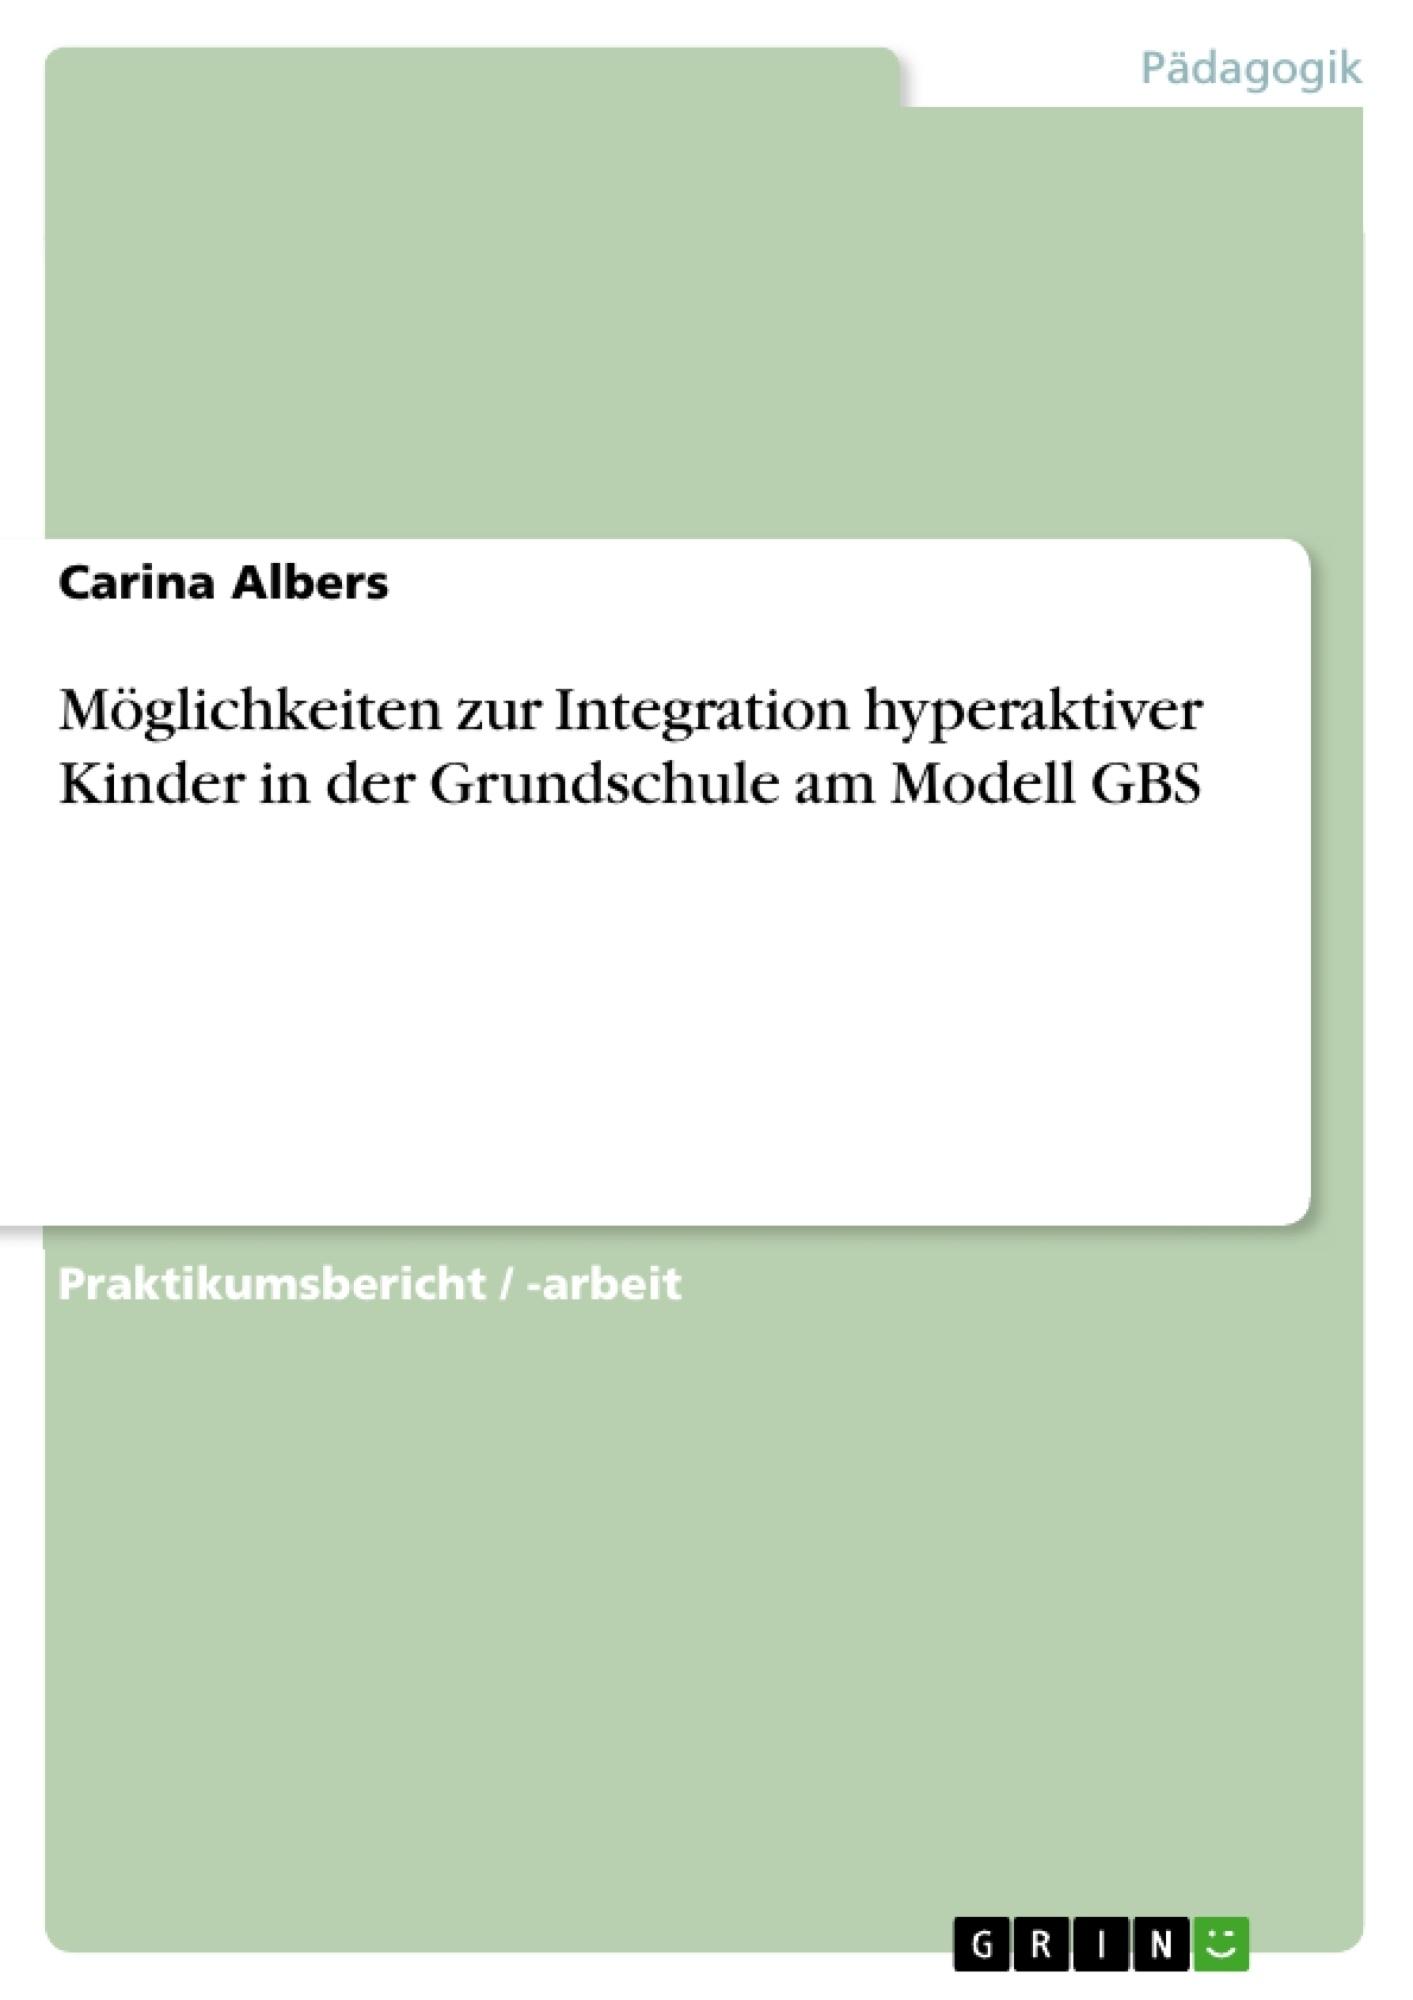 Titel: Möglichkeiten zur Integration hyperaktiver Kinder in der Grundschule am Modell GBS